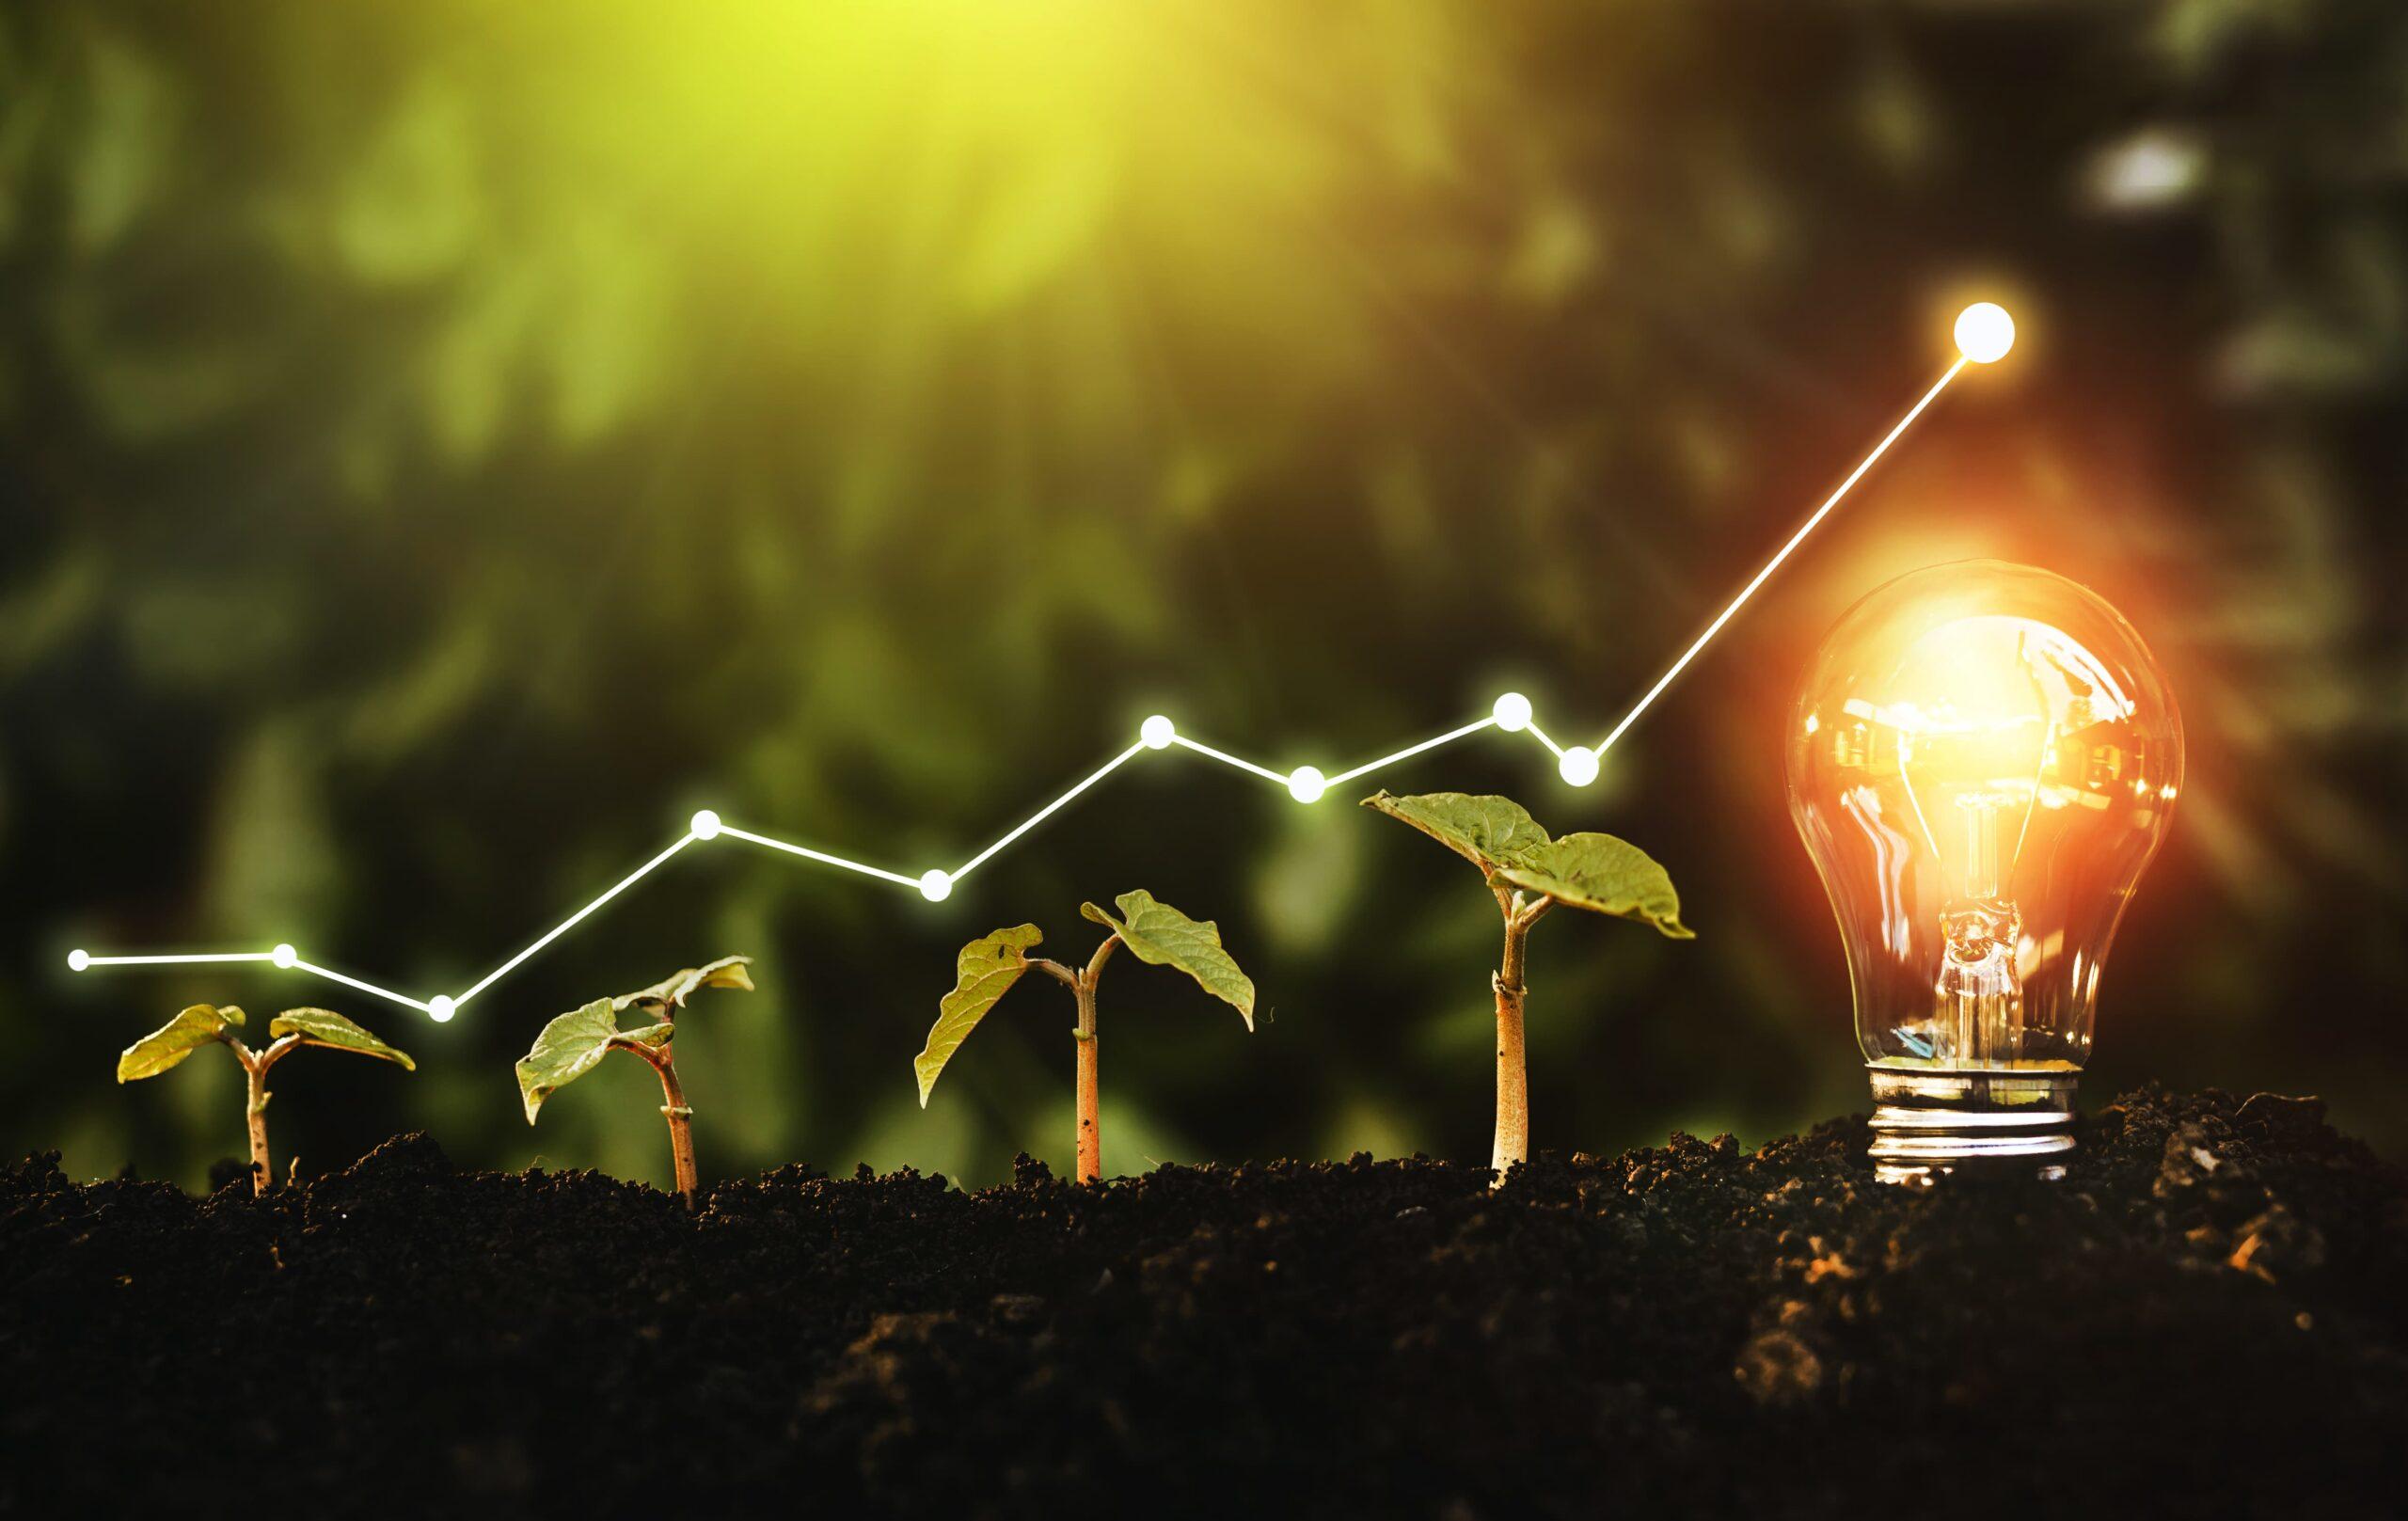 Les augmentations des prix de l'énergie poussent les consommateurs vers le photovoltaïque